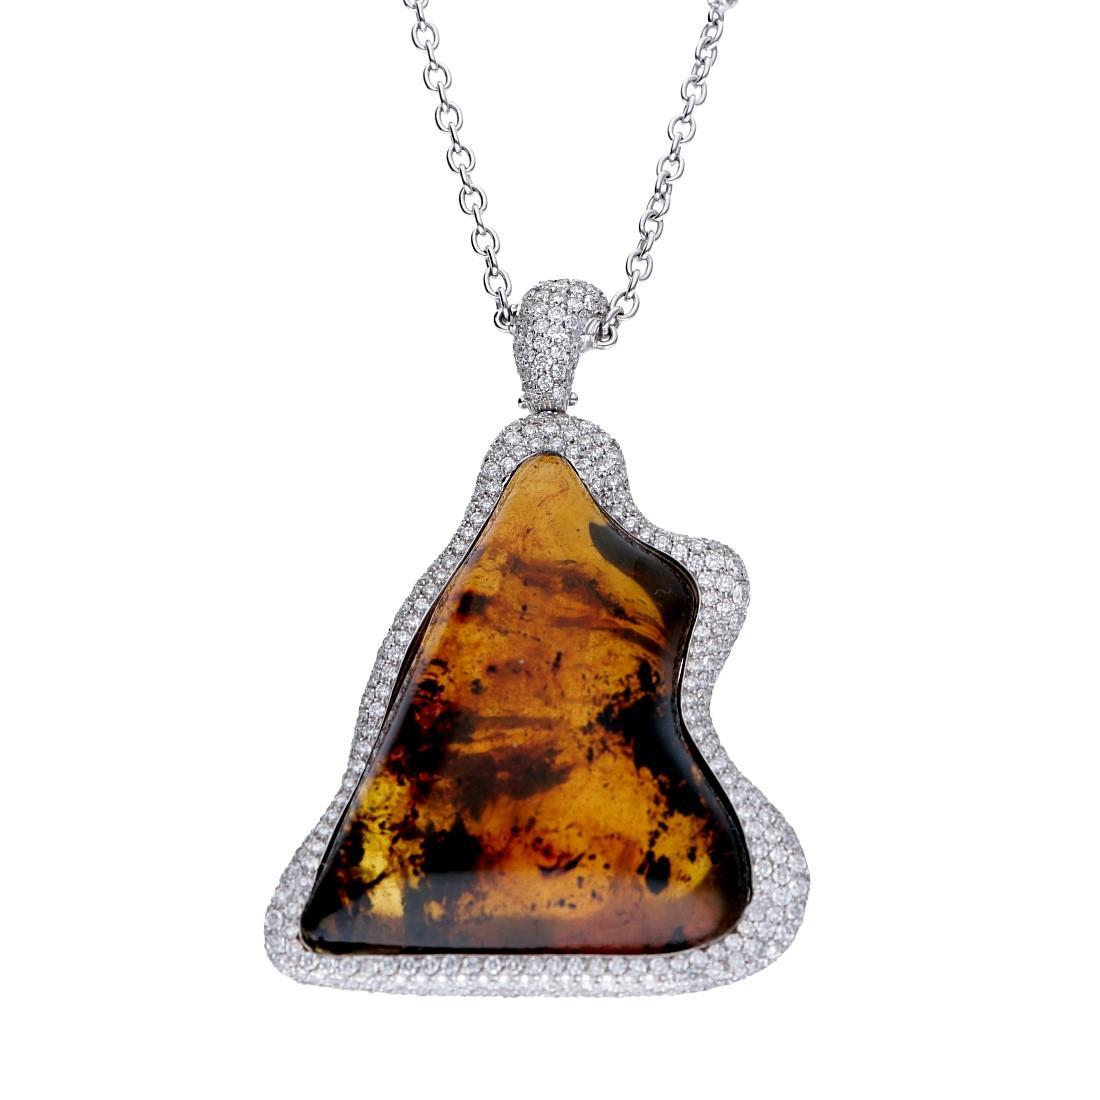 Collana in oro bianco con rara ambra blu centrale da 10.60gr e diamanti ct 5.78, lunghezza 70cm - ALFIERI ST JOHN